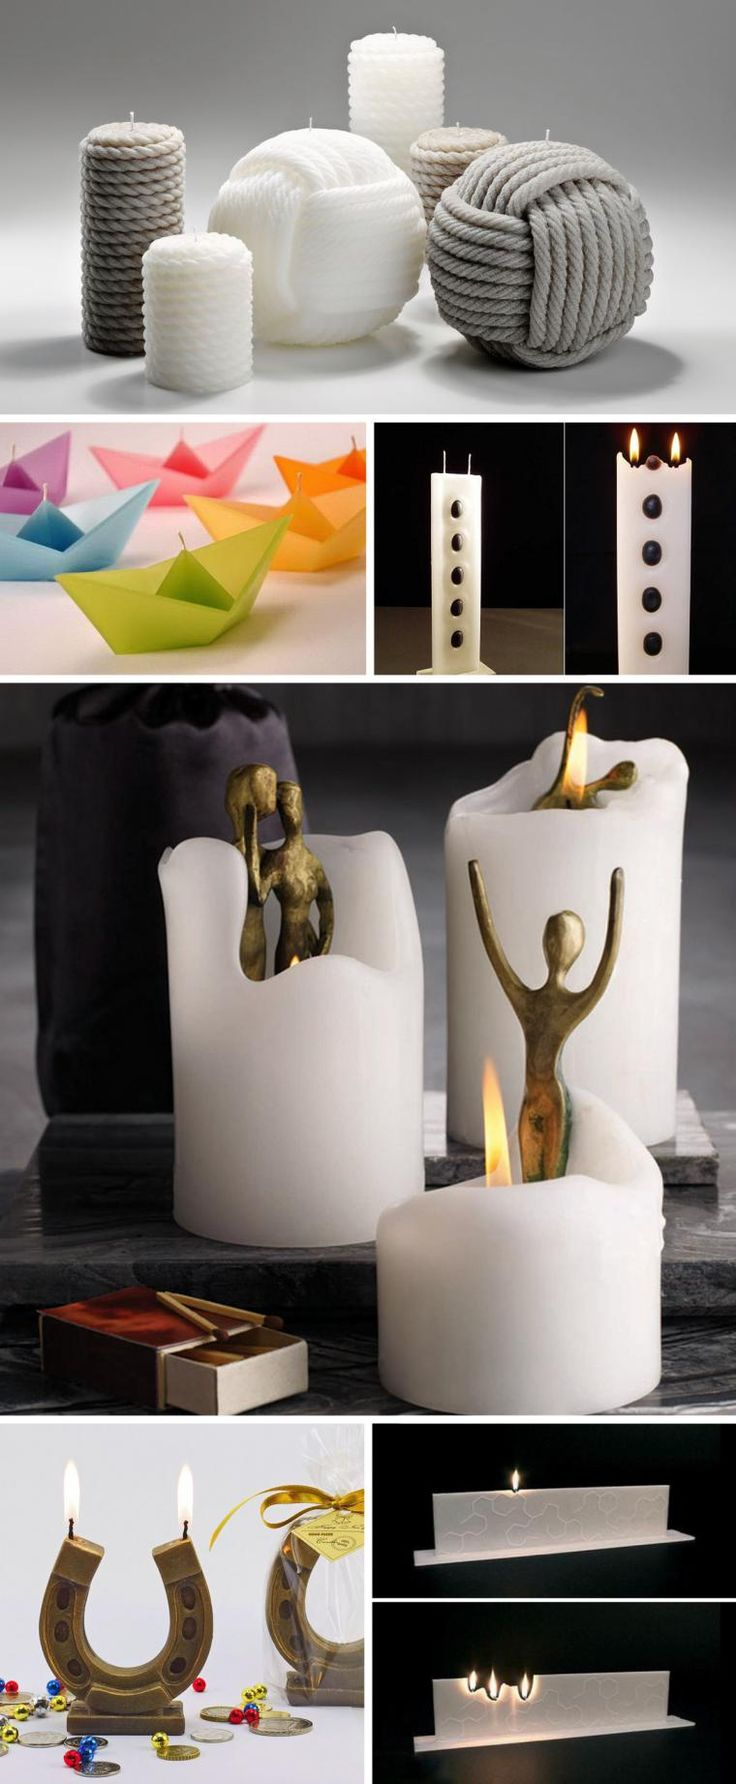 Свечи бывают разные - Ярмарка Мастеров - ручная работа, handmade